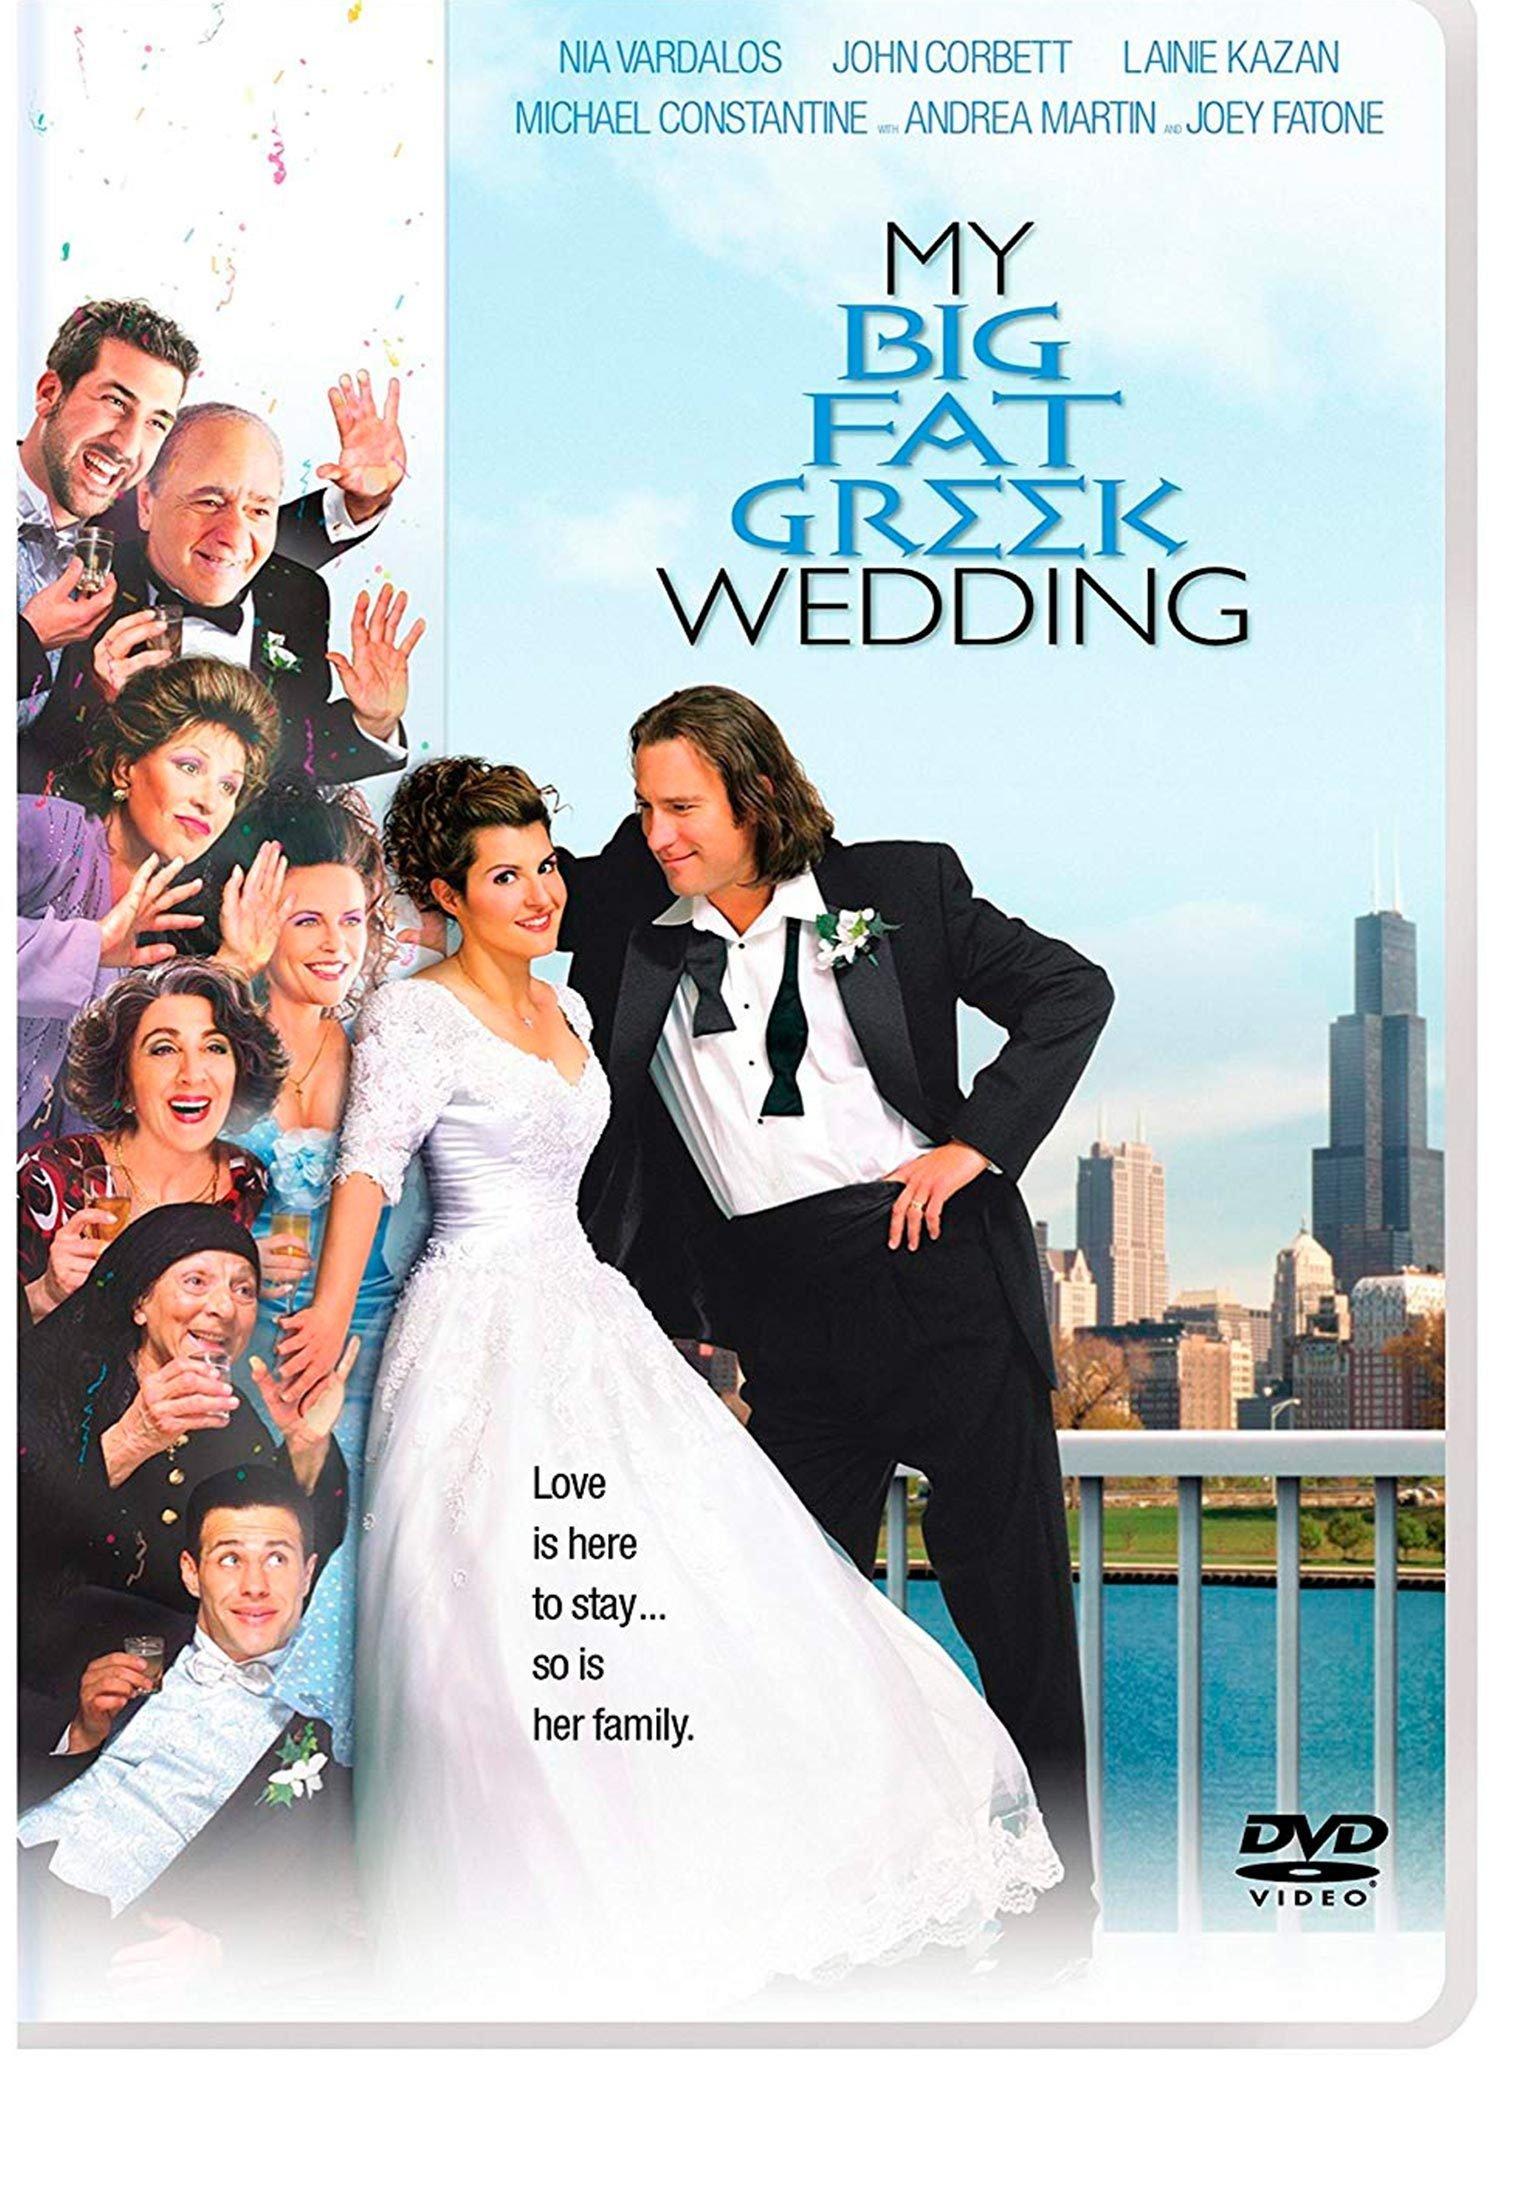 My Big Fat Greek Wedding Cover